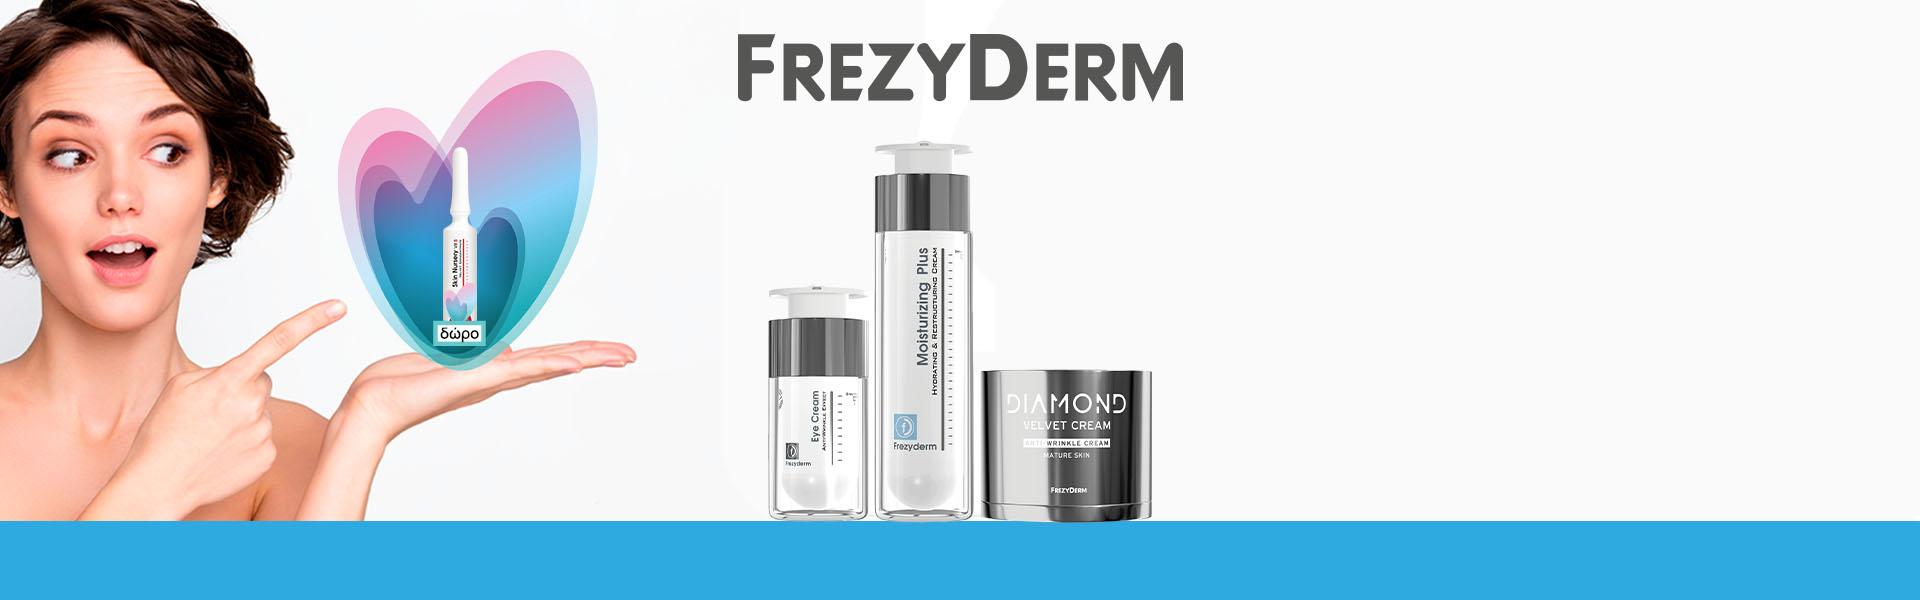 Με 2 προϊόντα Frezyderm από την ενυδατική/αντιγηραντική σειρά, ΔΩΡΟ το Skin Nursery VitB Booster